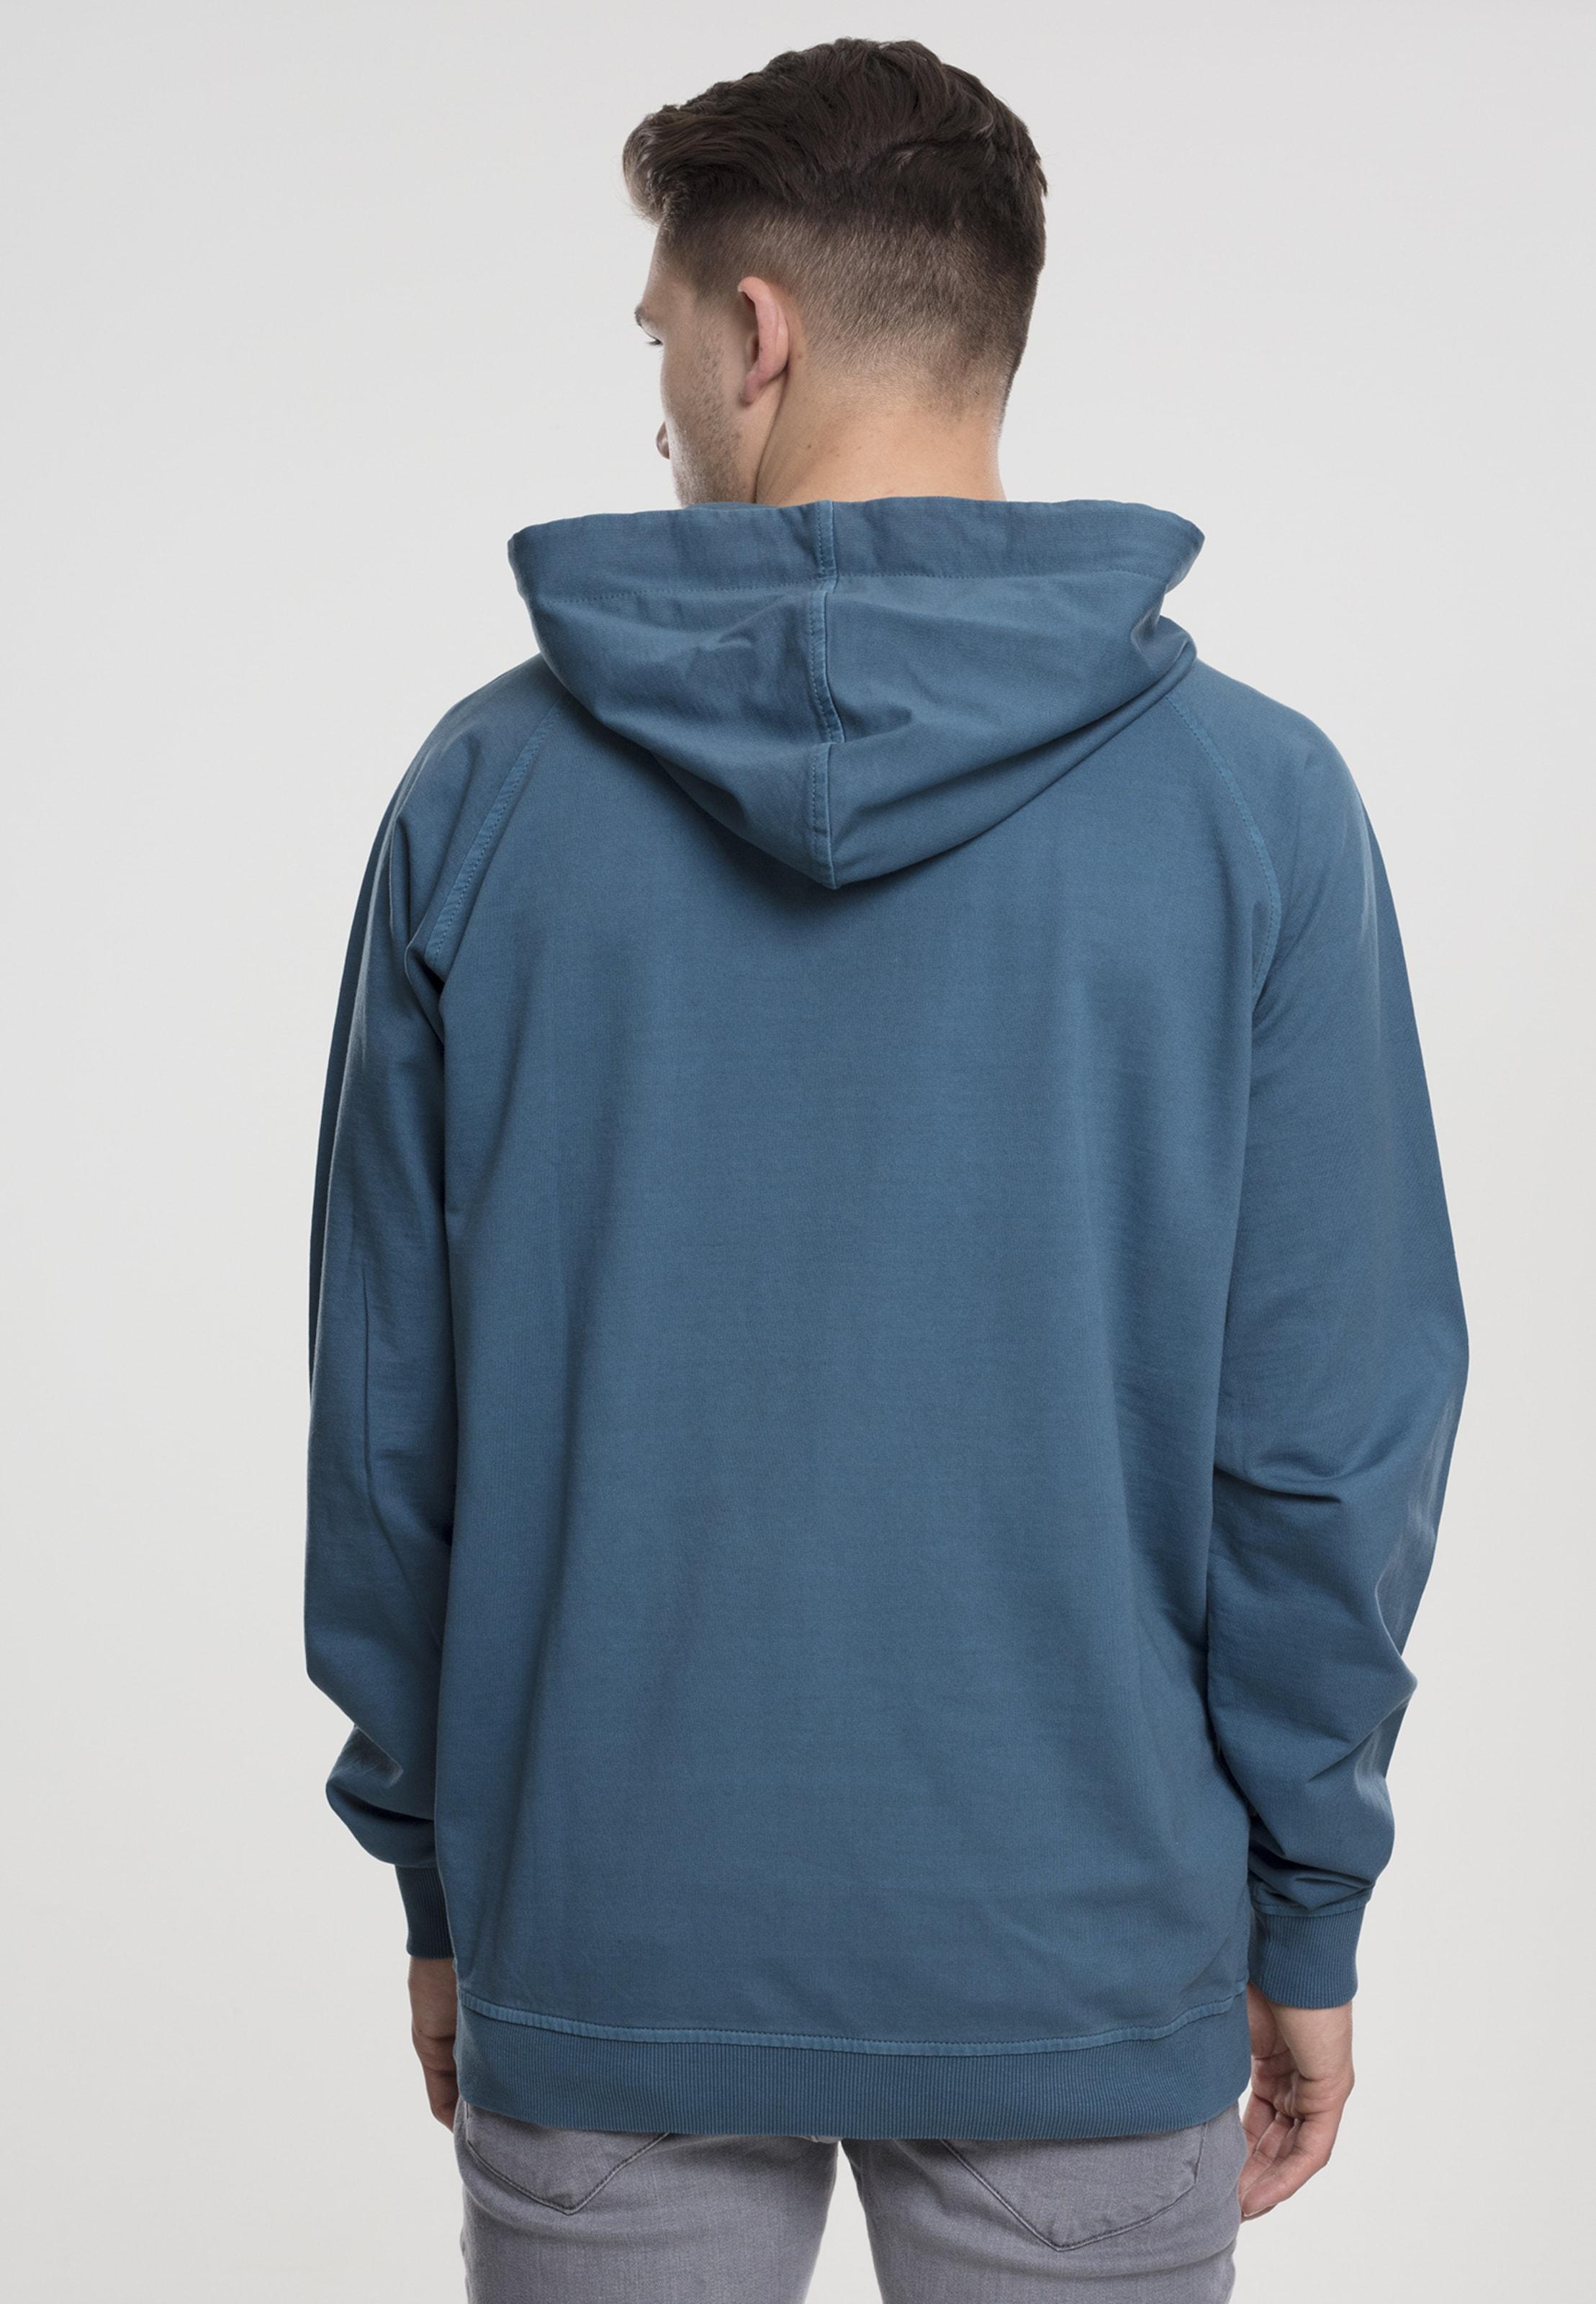 Urban Classics Sweatshirt i himmelsblå